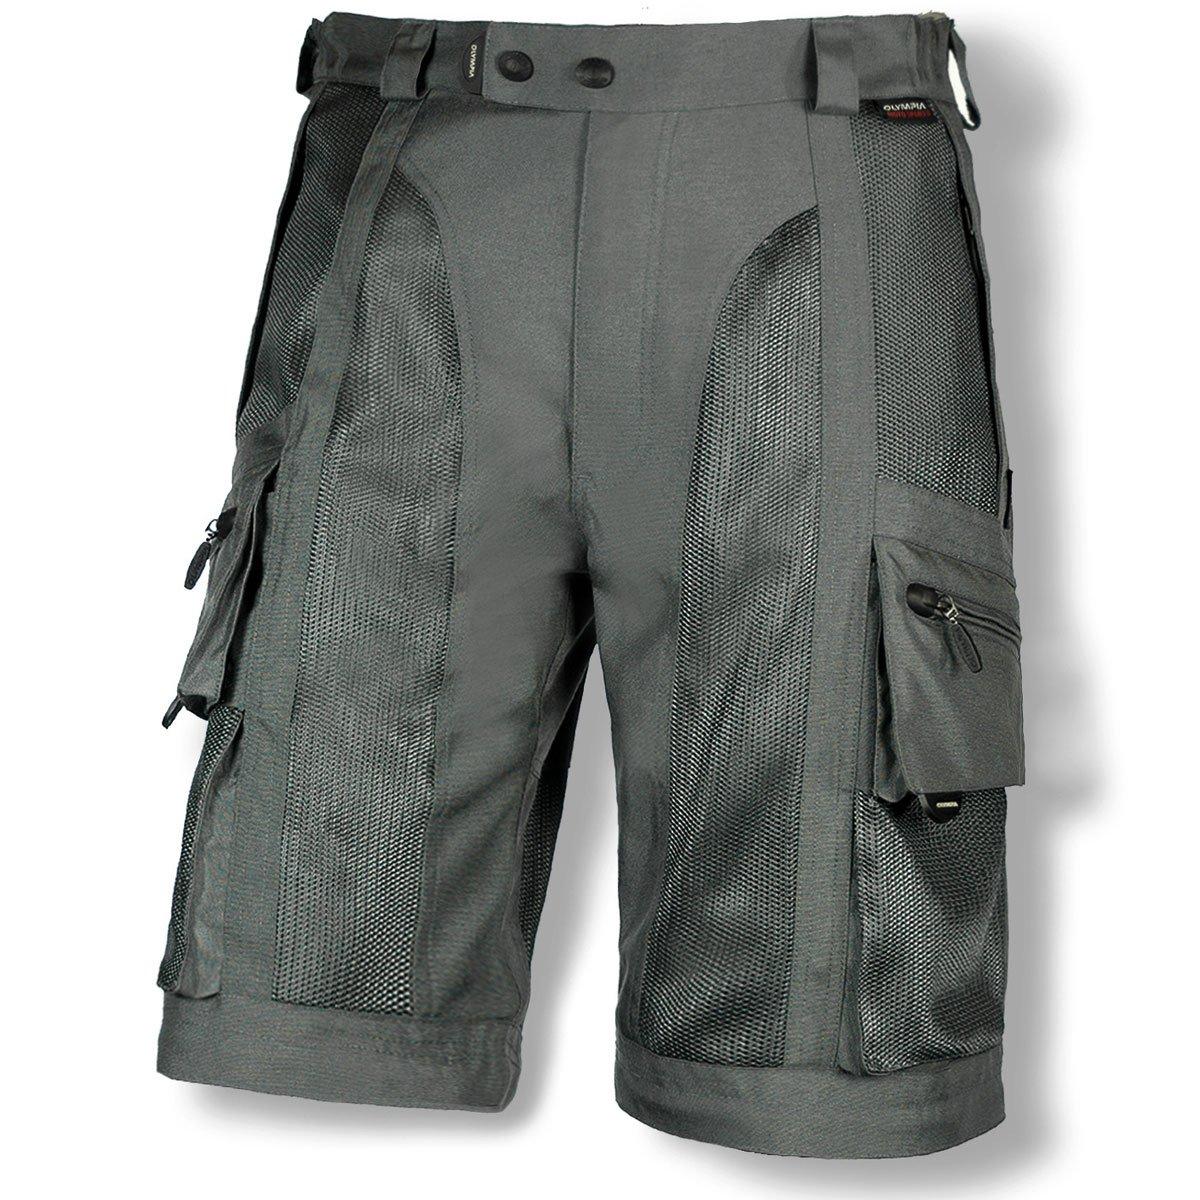 Pewter, Size 34 Olympia Unisex-Adult Dakar Pant